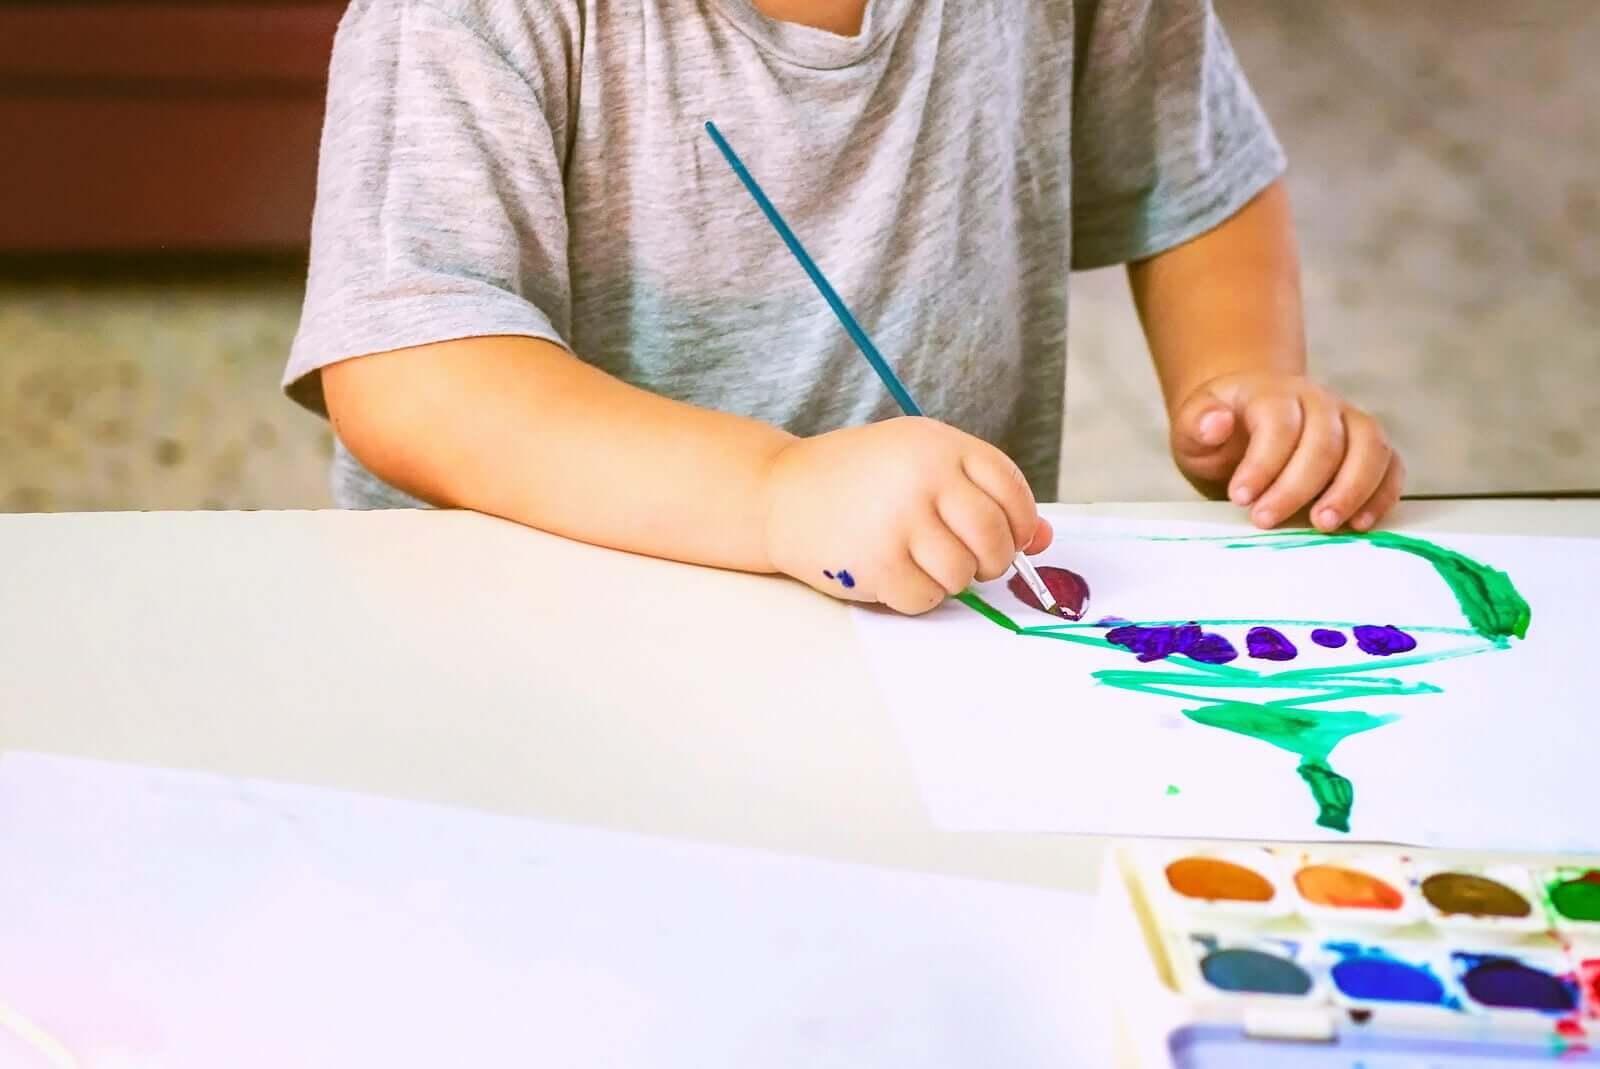 analisar os desenhos das crianças de acordo com as cores usadas